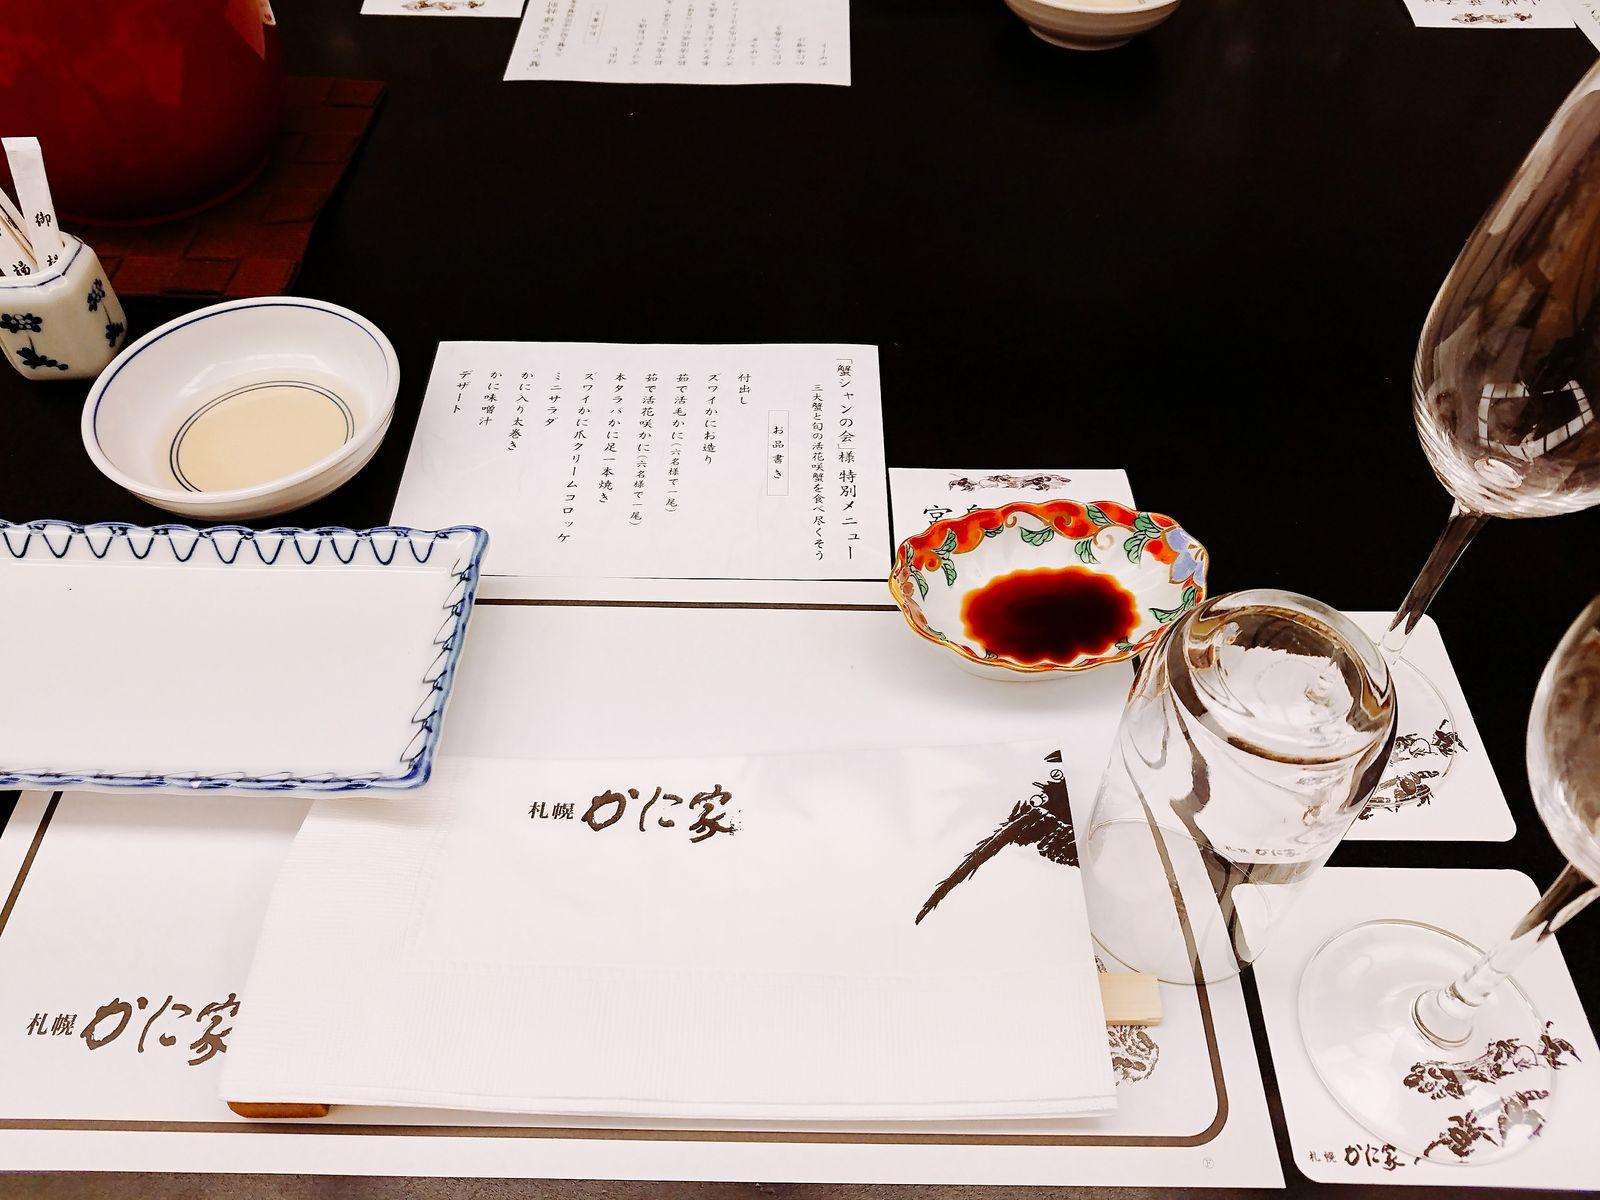 うるうる&Mio様の名古屋食べ歩き日記:2019年04月